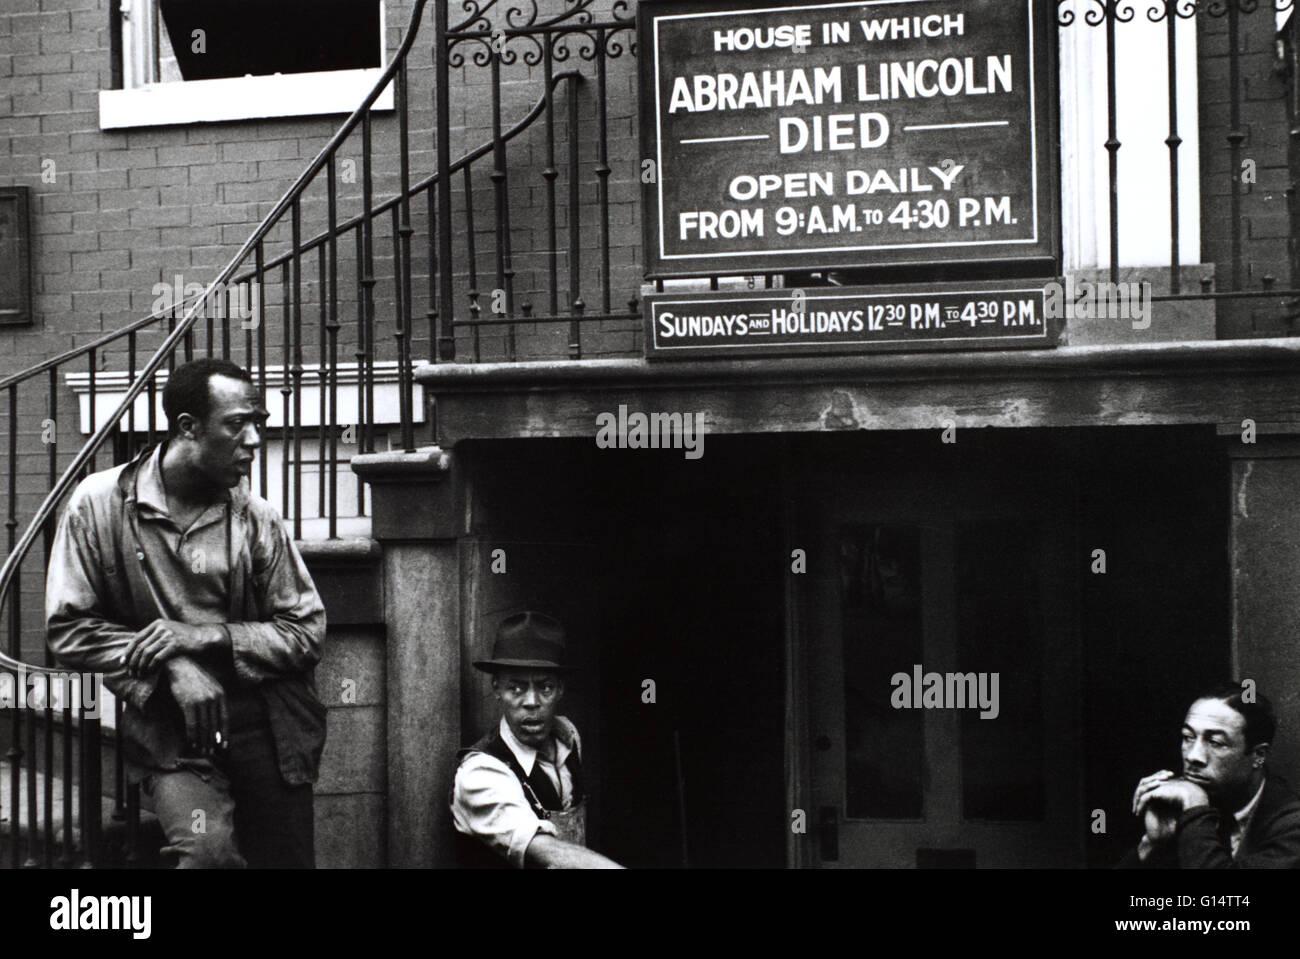 Les hommes de race noire à l'extérieur de la maison où Abraham Lincoln est mort. Par John Vachon, Photo Stock